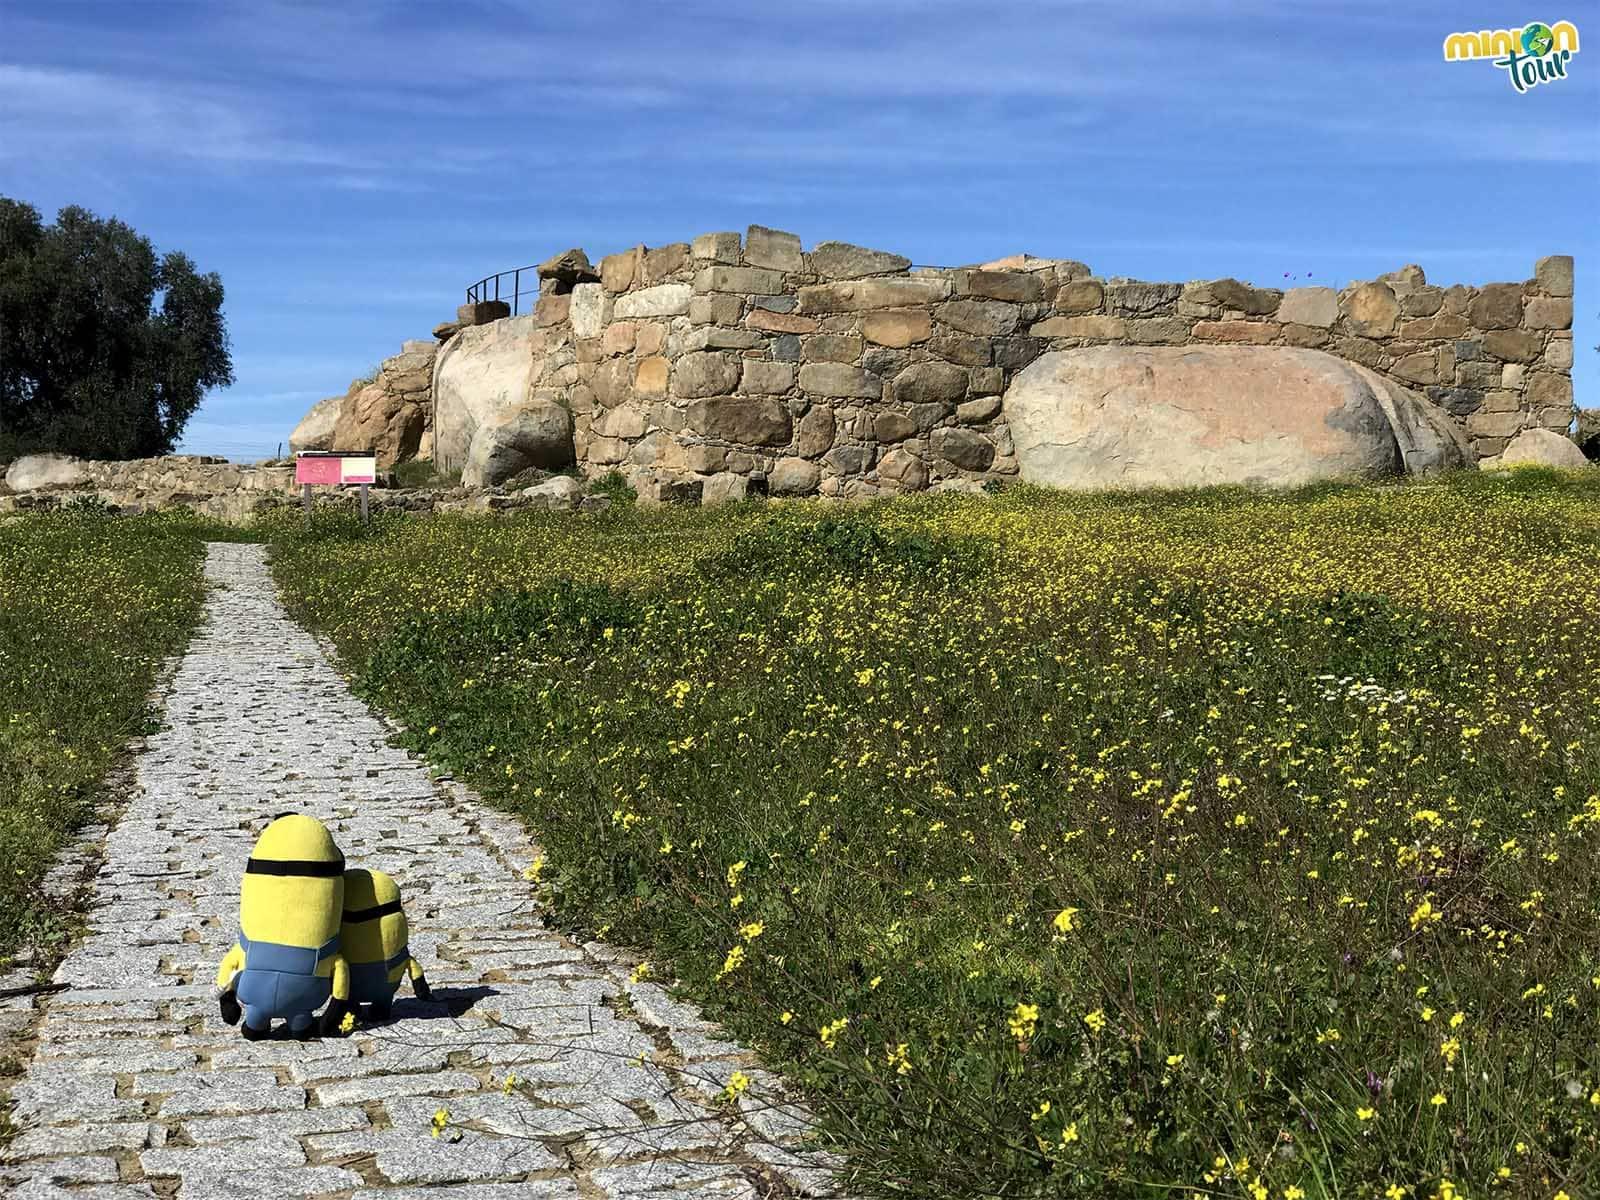 Los Minions de visita al Yacimiento Arqueológico de Hijovejo